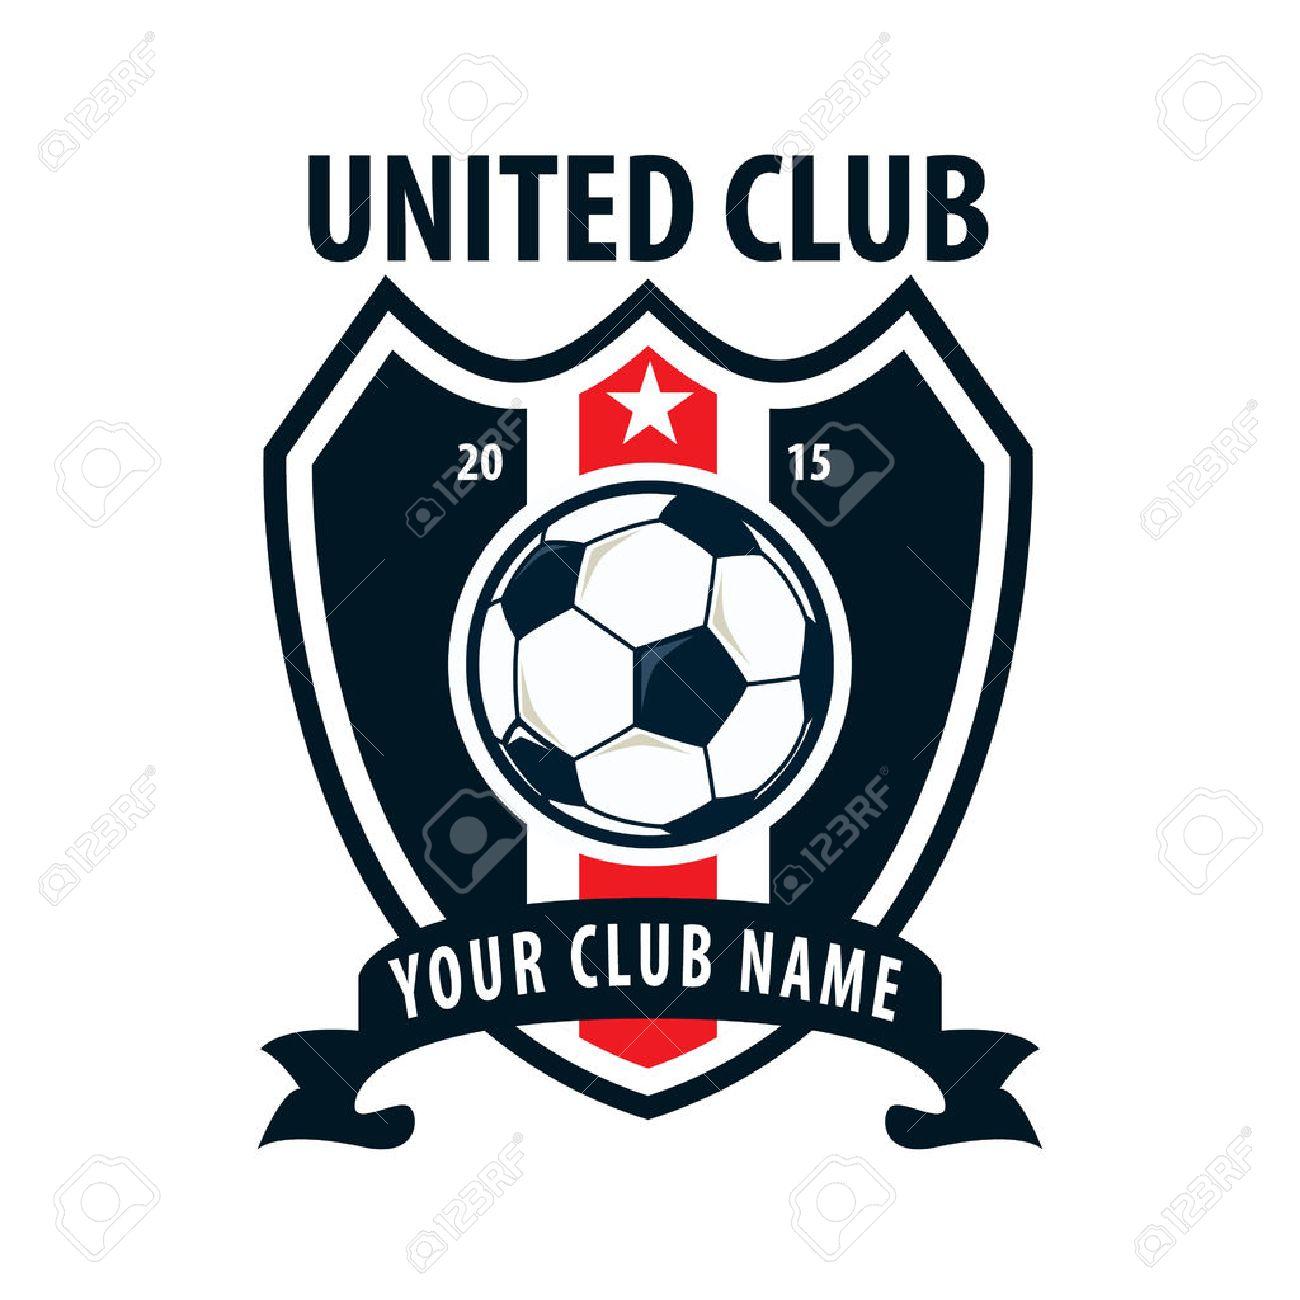 サッカー バッジ ロゴ テンプレート設計 サッカー チームのベクトルの